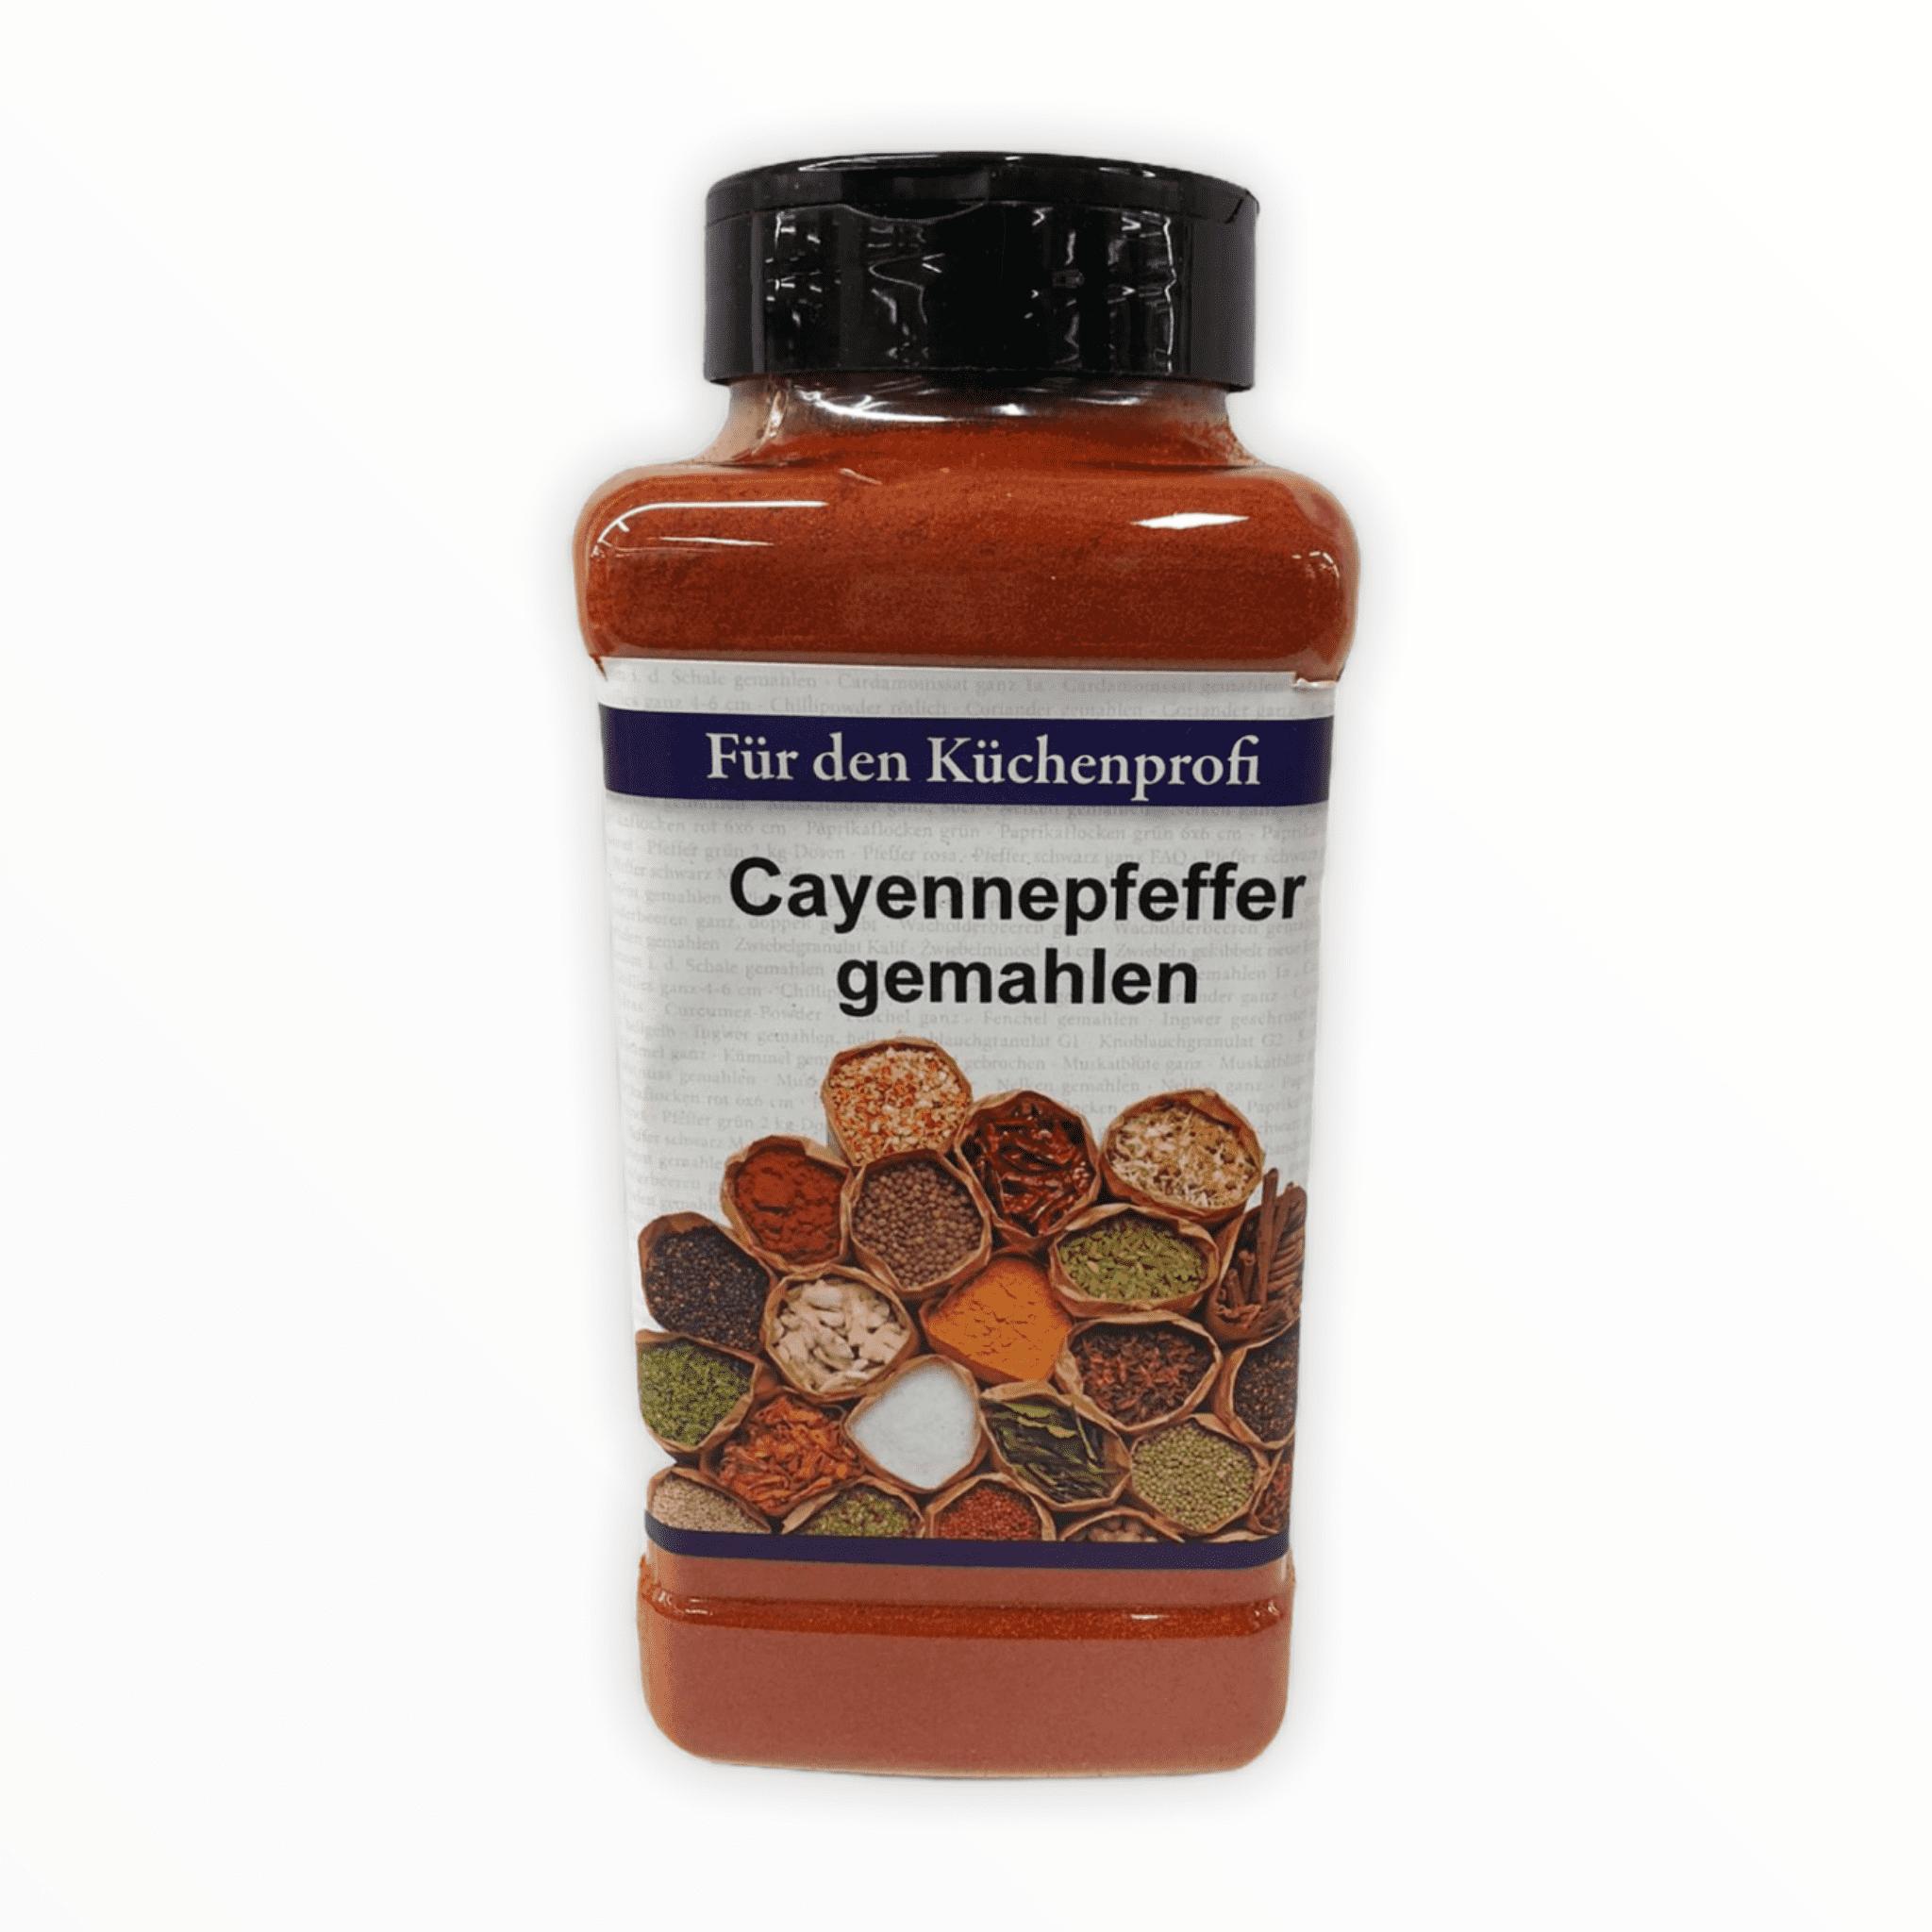 Cayennepfeffer gemahlen 500g